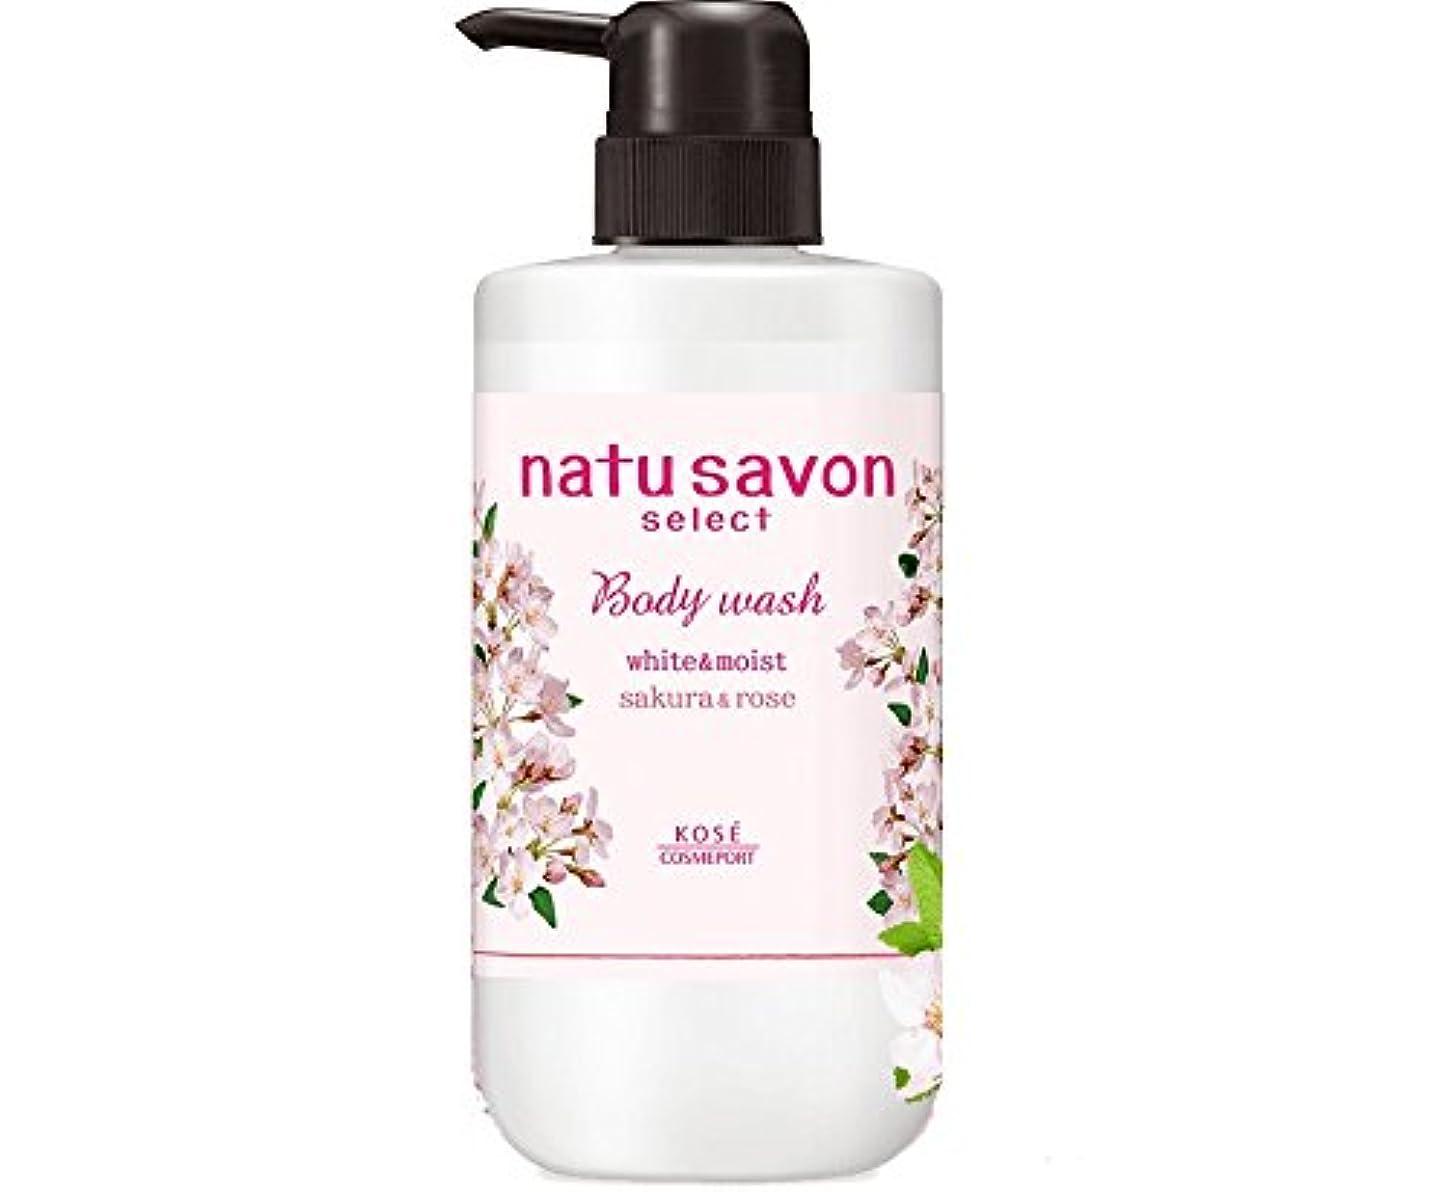 スキムデータアニメーションナチュサボンセレクト ボディウォッシュ ボタニカル桜の香り white&moist(数量限定品)